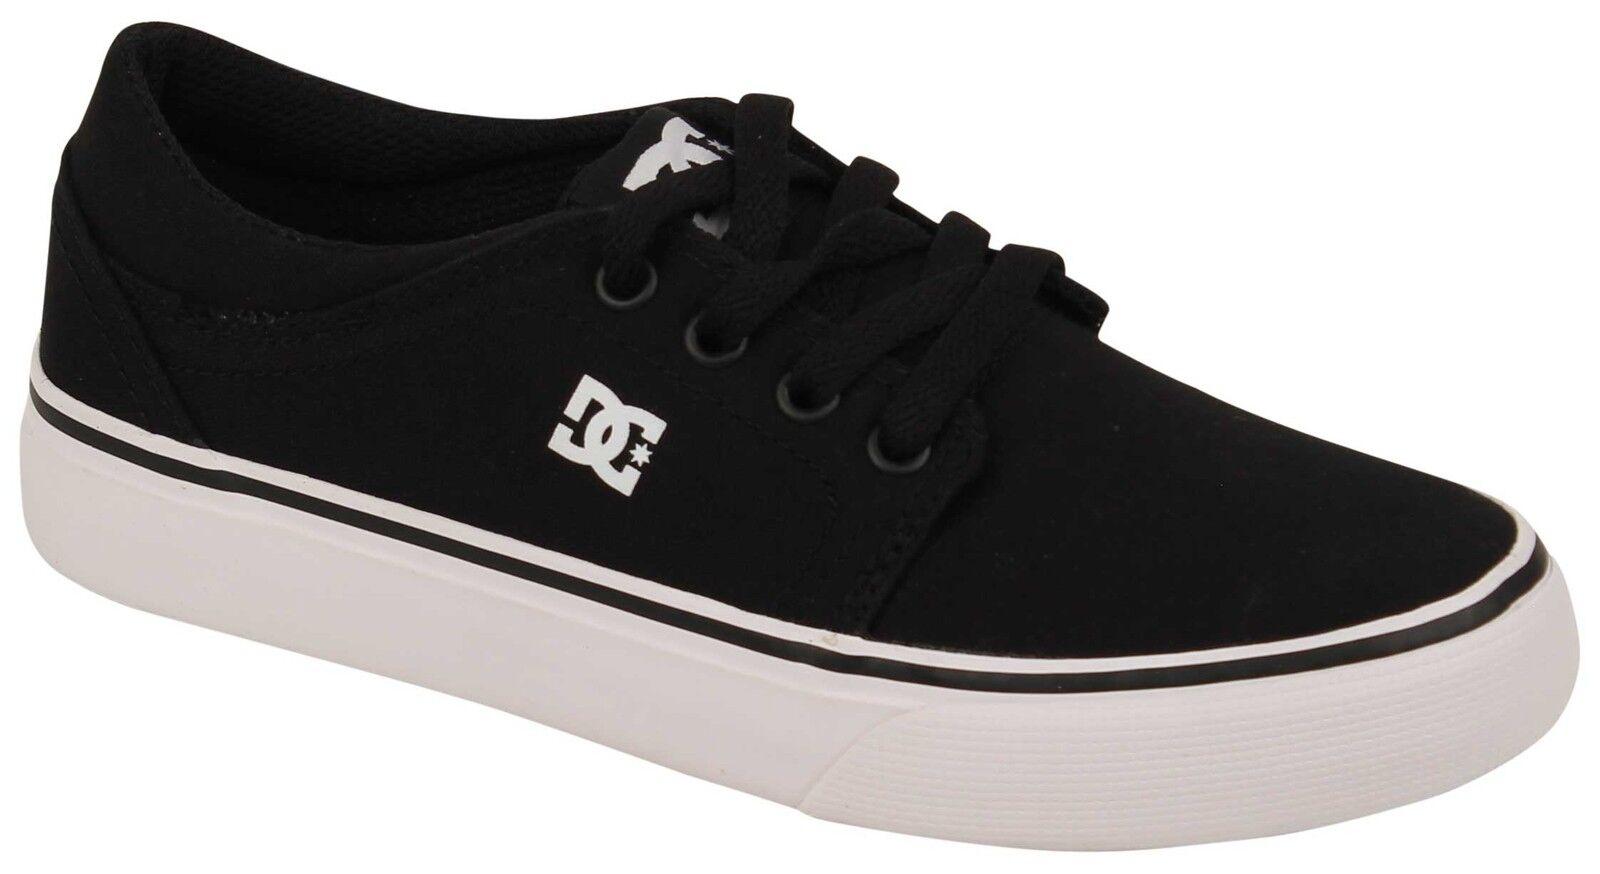 DC Kid's Trase TX Shoe - Black / White